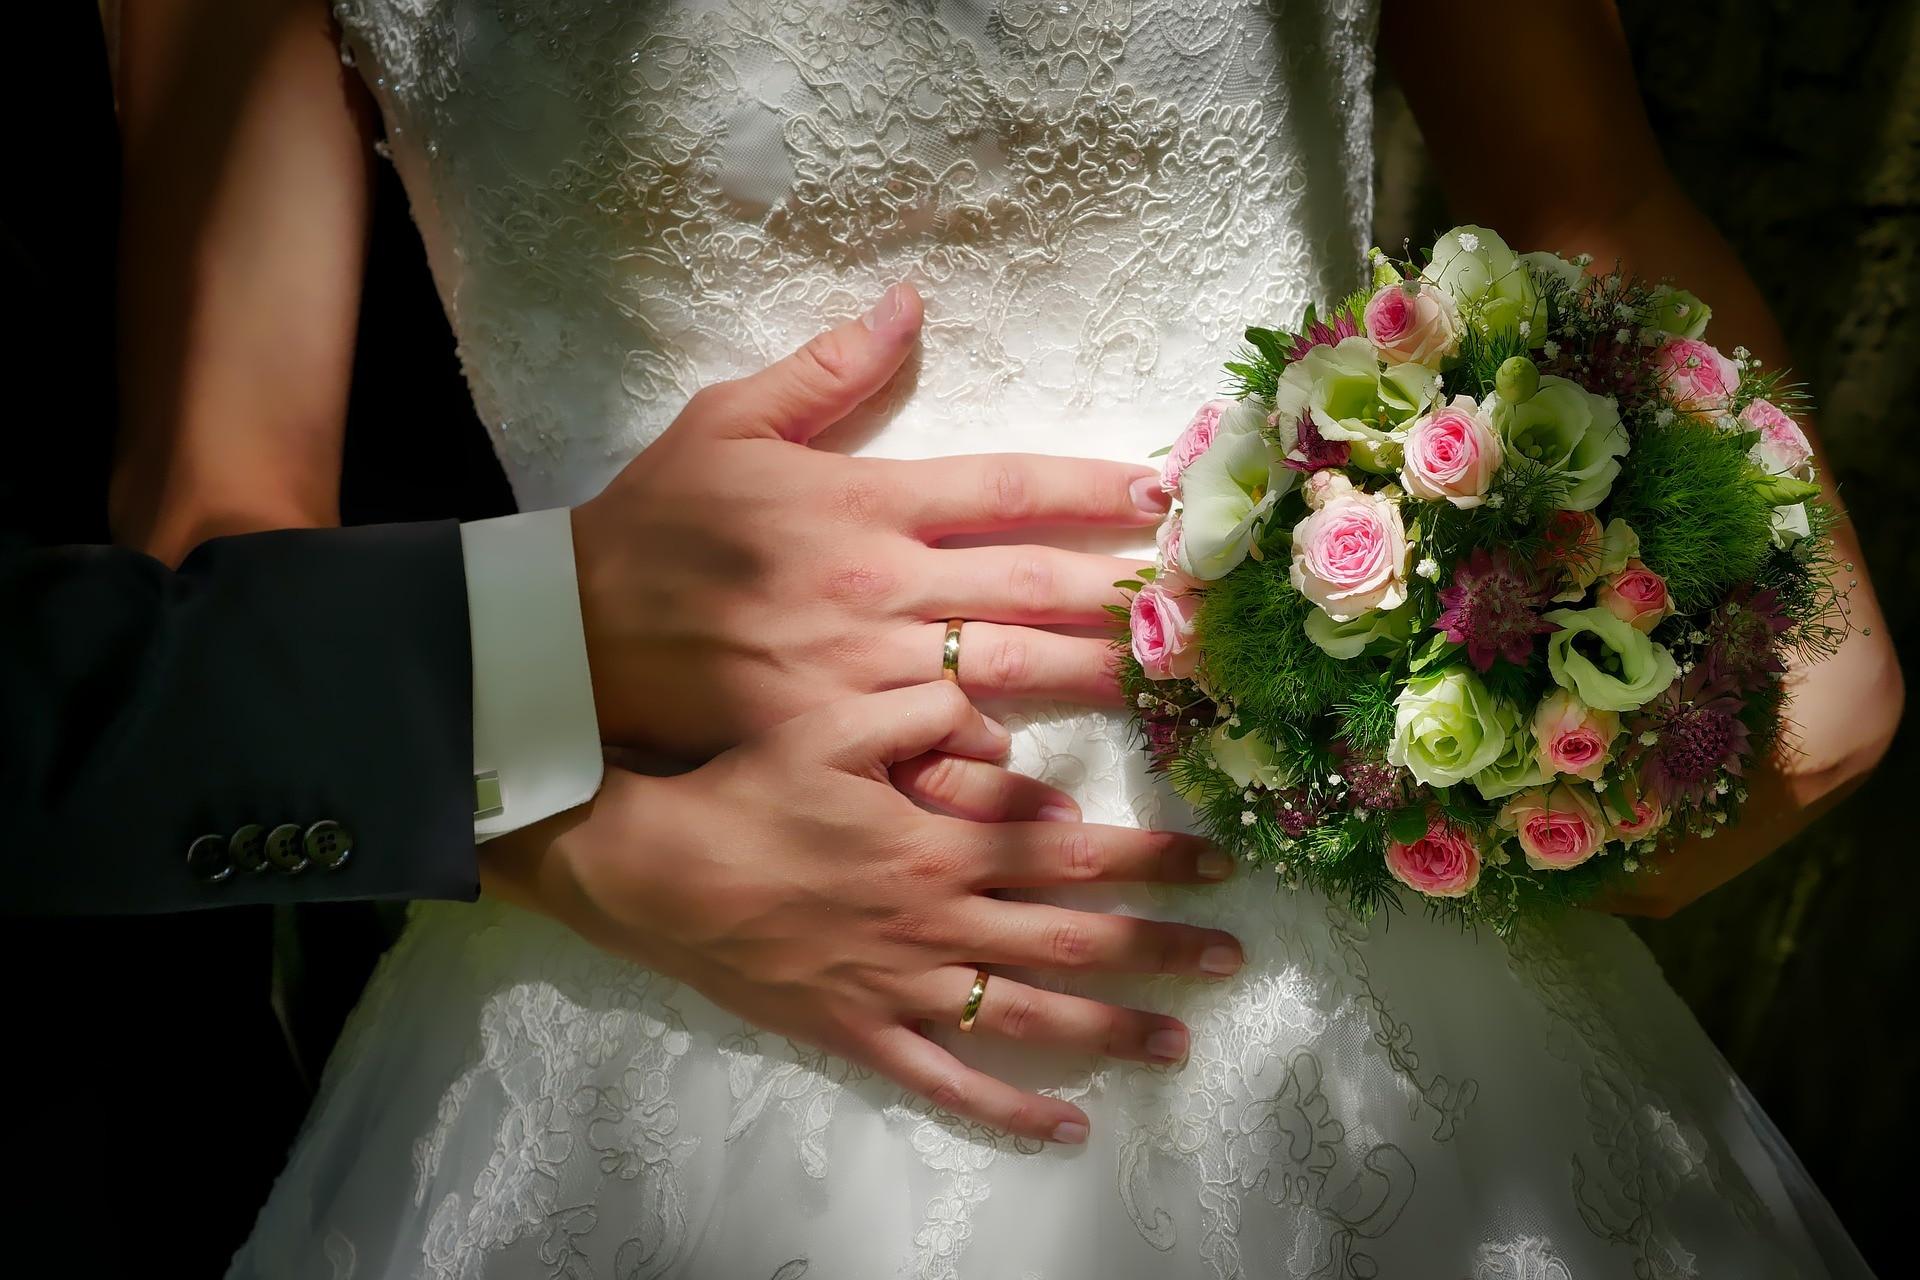 みんなはどう思ってる? マタニティ婚についてのイメージ